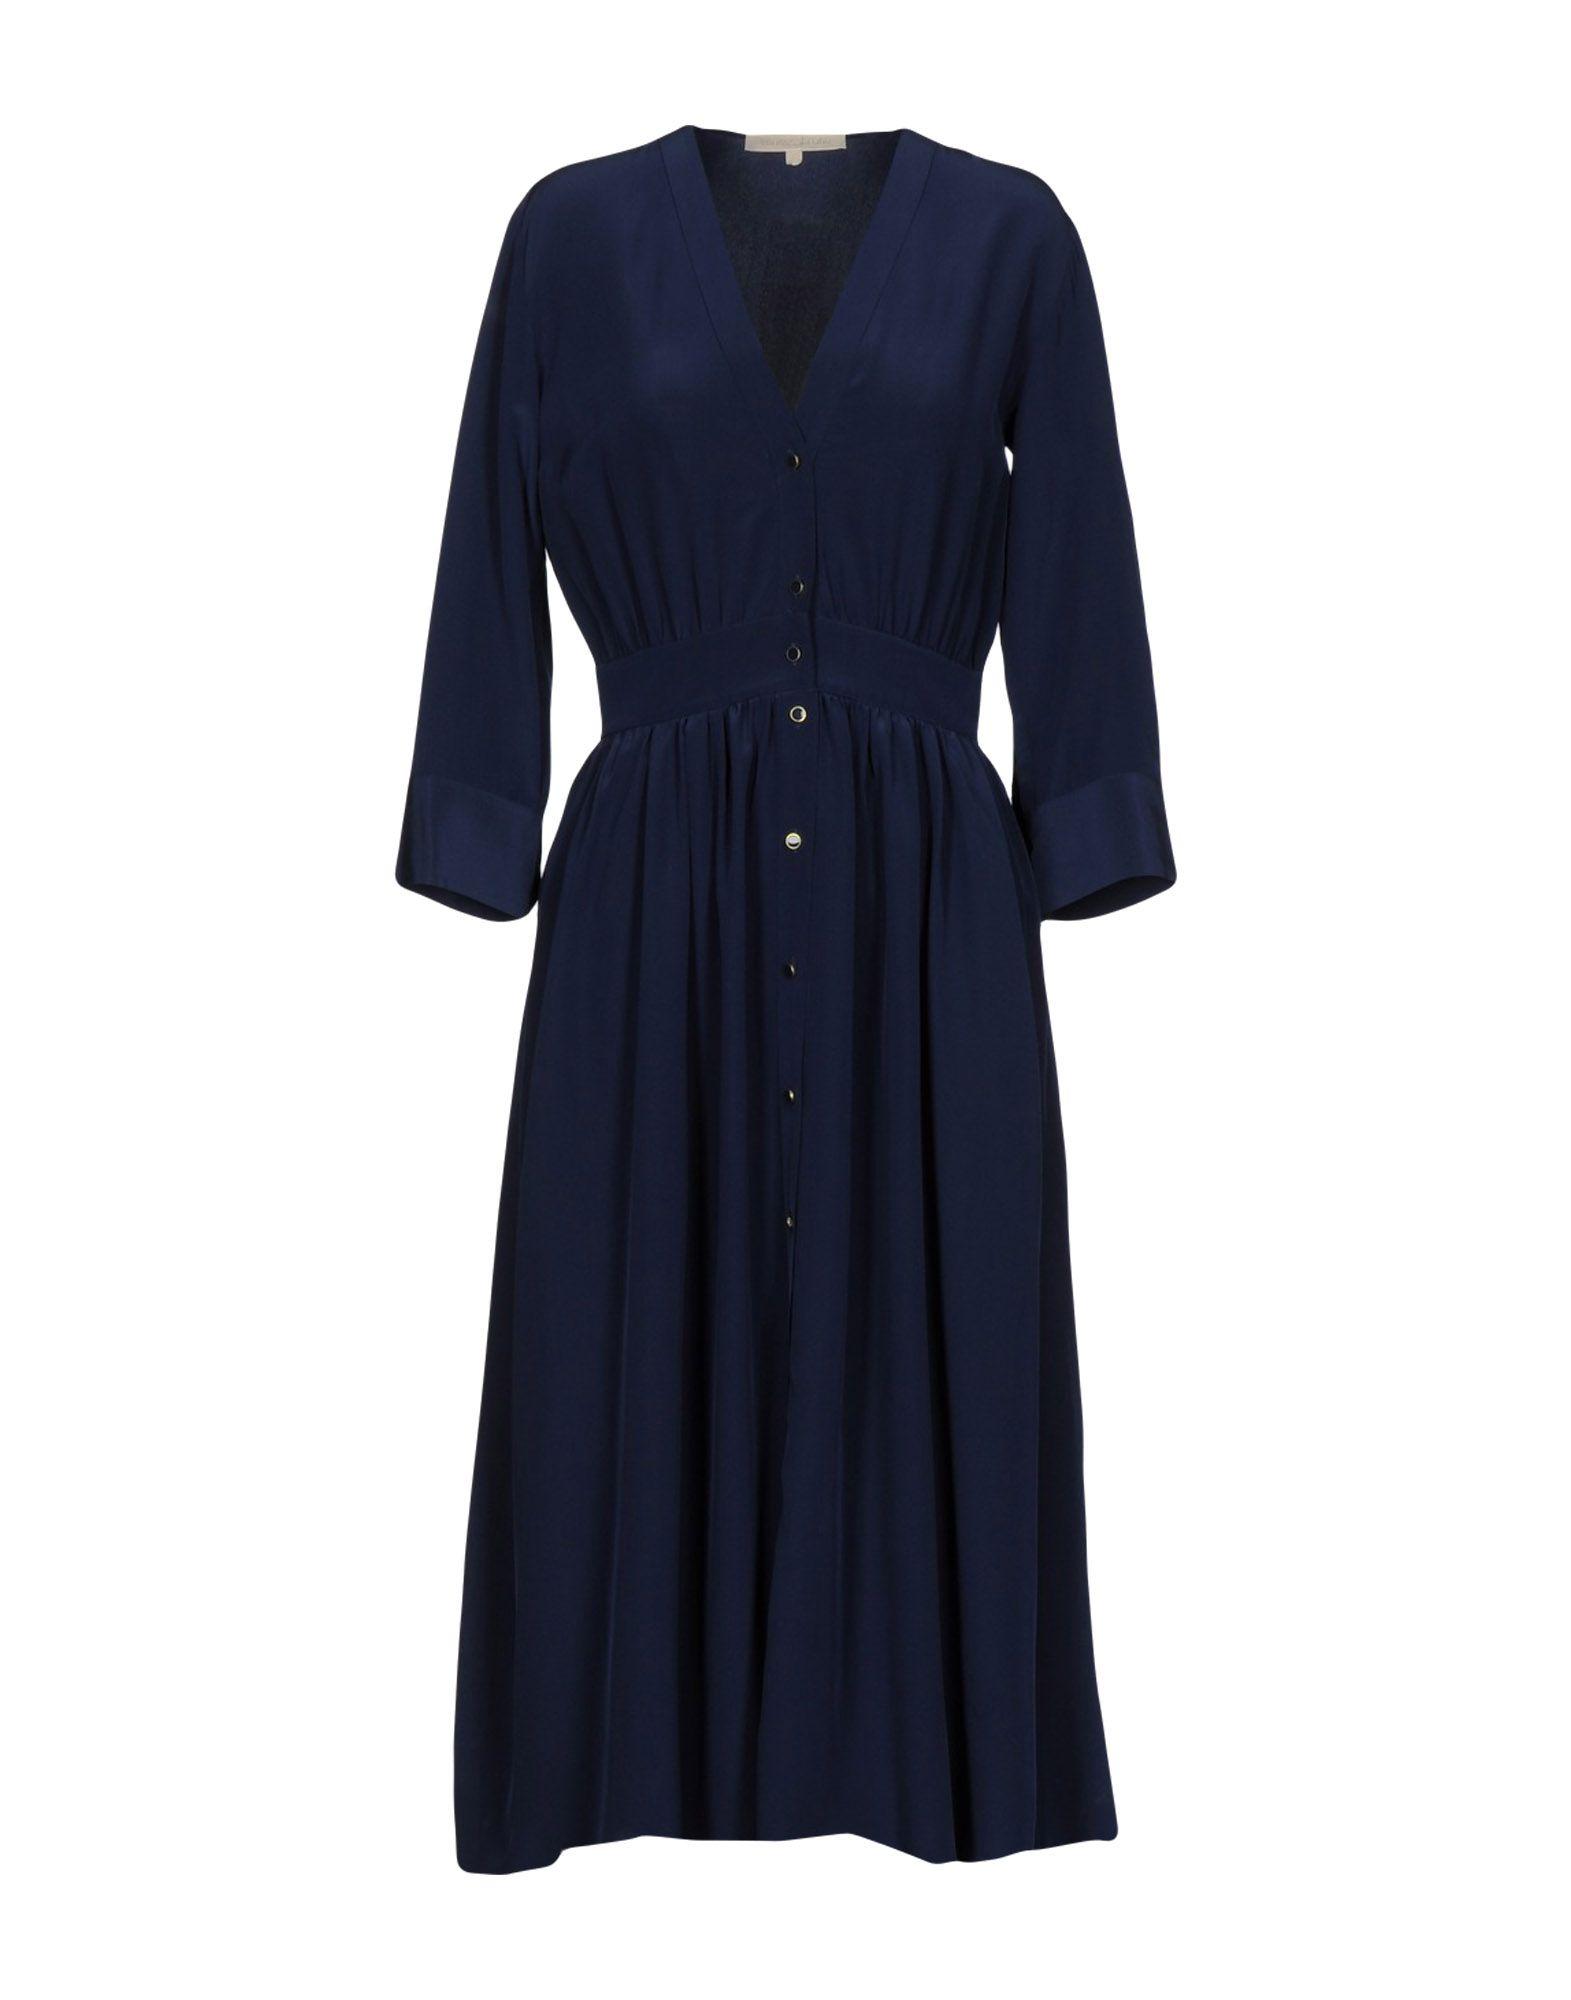 VANESSA BRUNO Платье длиной 3/4 neeru kumar платье длиной 3 4